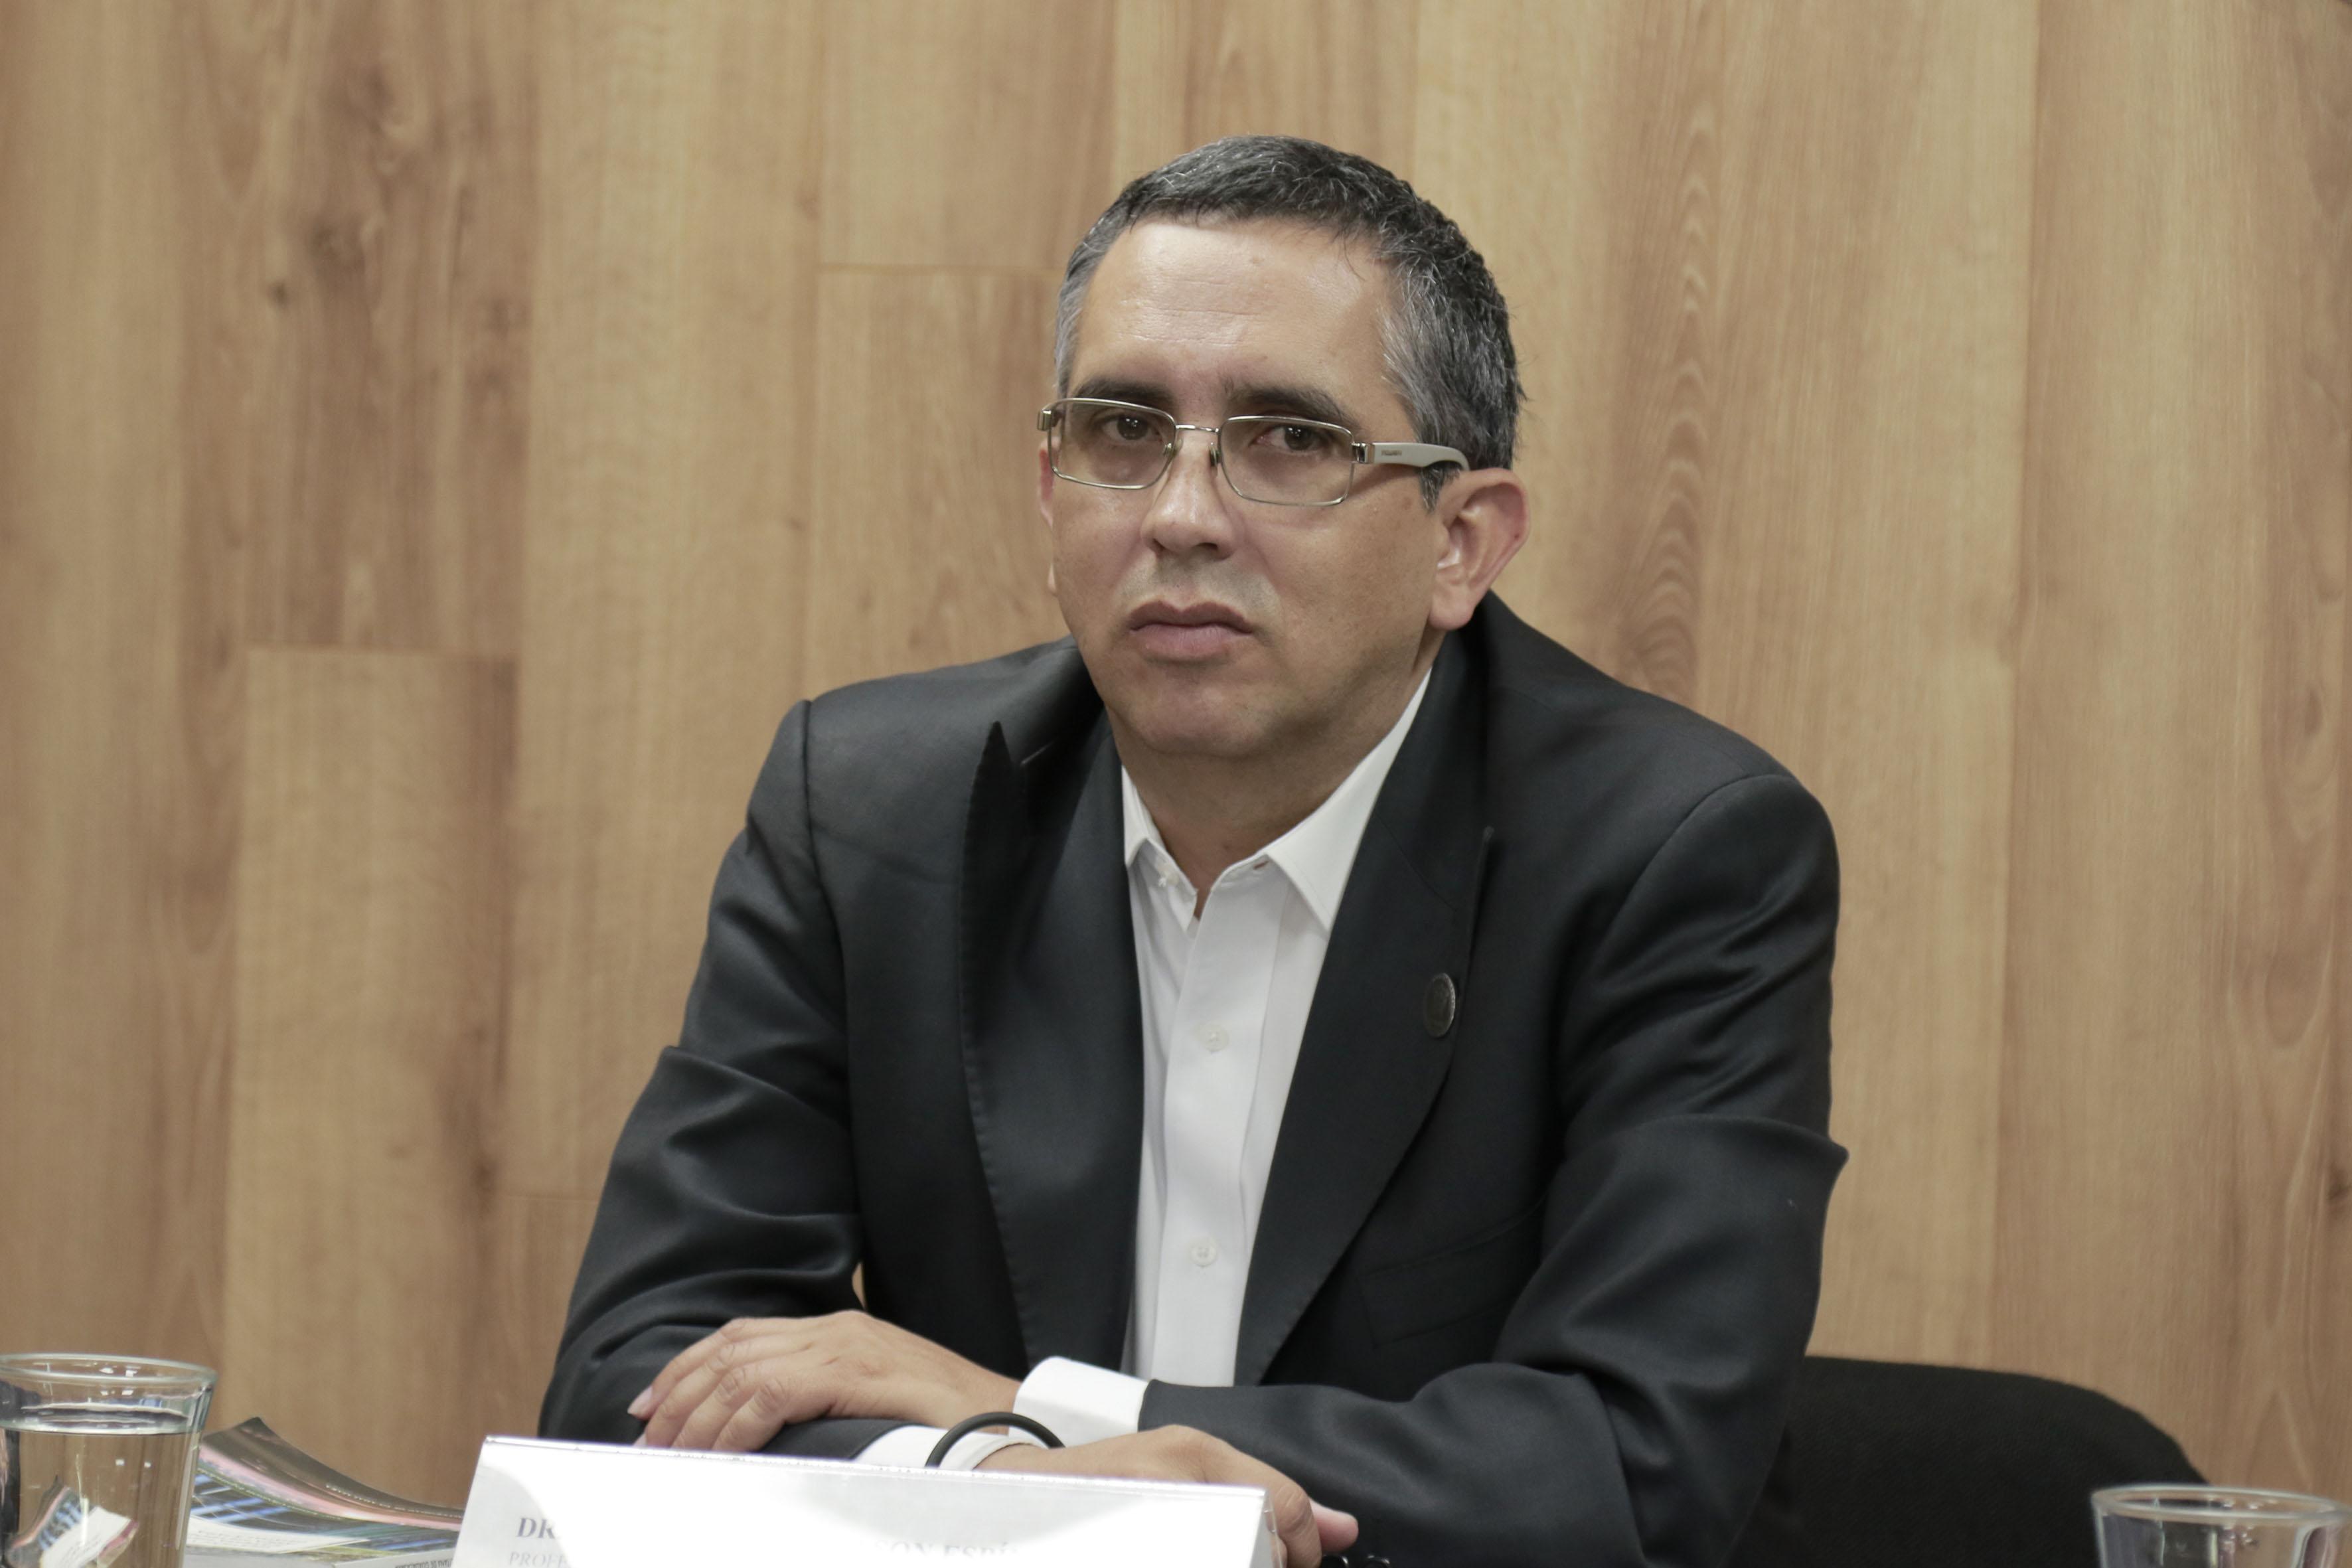 Dr. José Arturo Gleason Espíndola, investigador del Centro Universitario de Arte, Arquitectura y Diseño (CUAAD) y miembro de la Asociación Mexicana de Sistemas de Captación de Agua de Lluvia